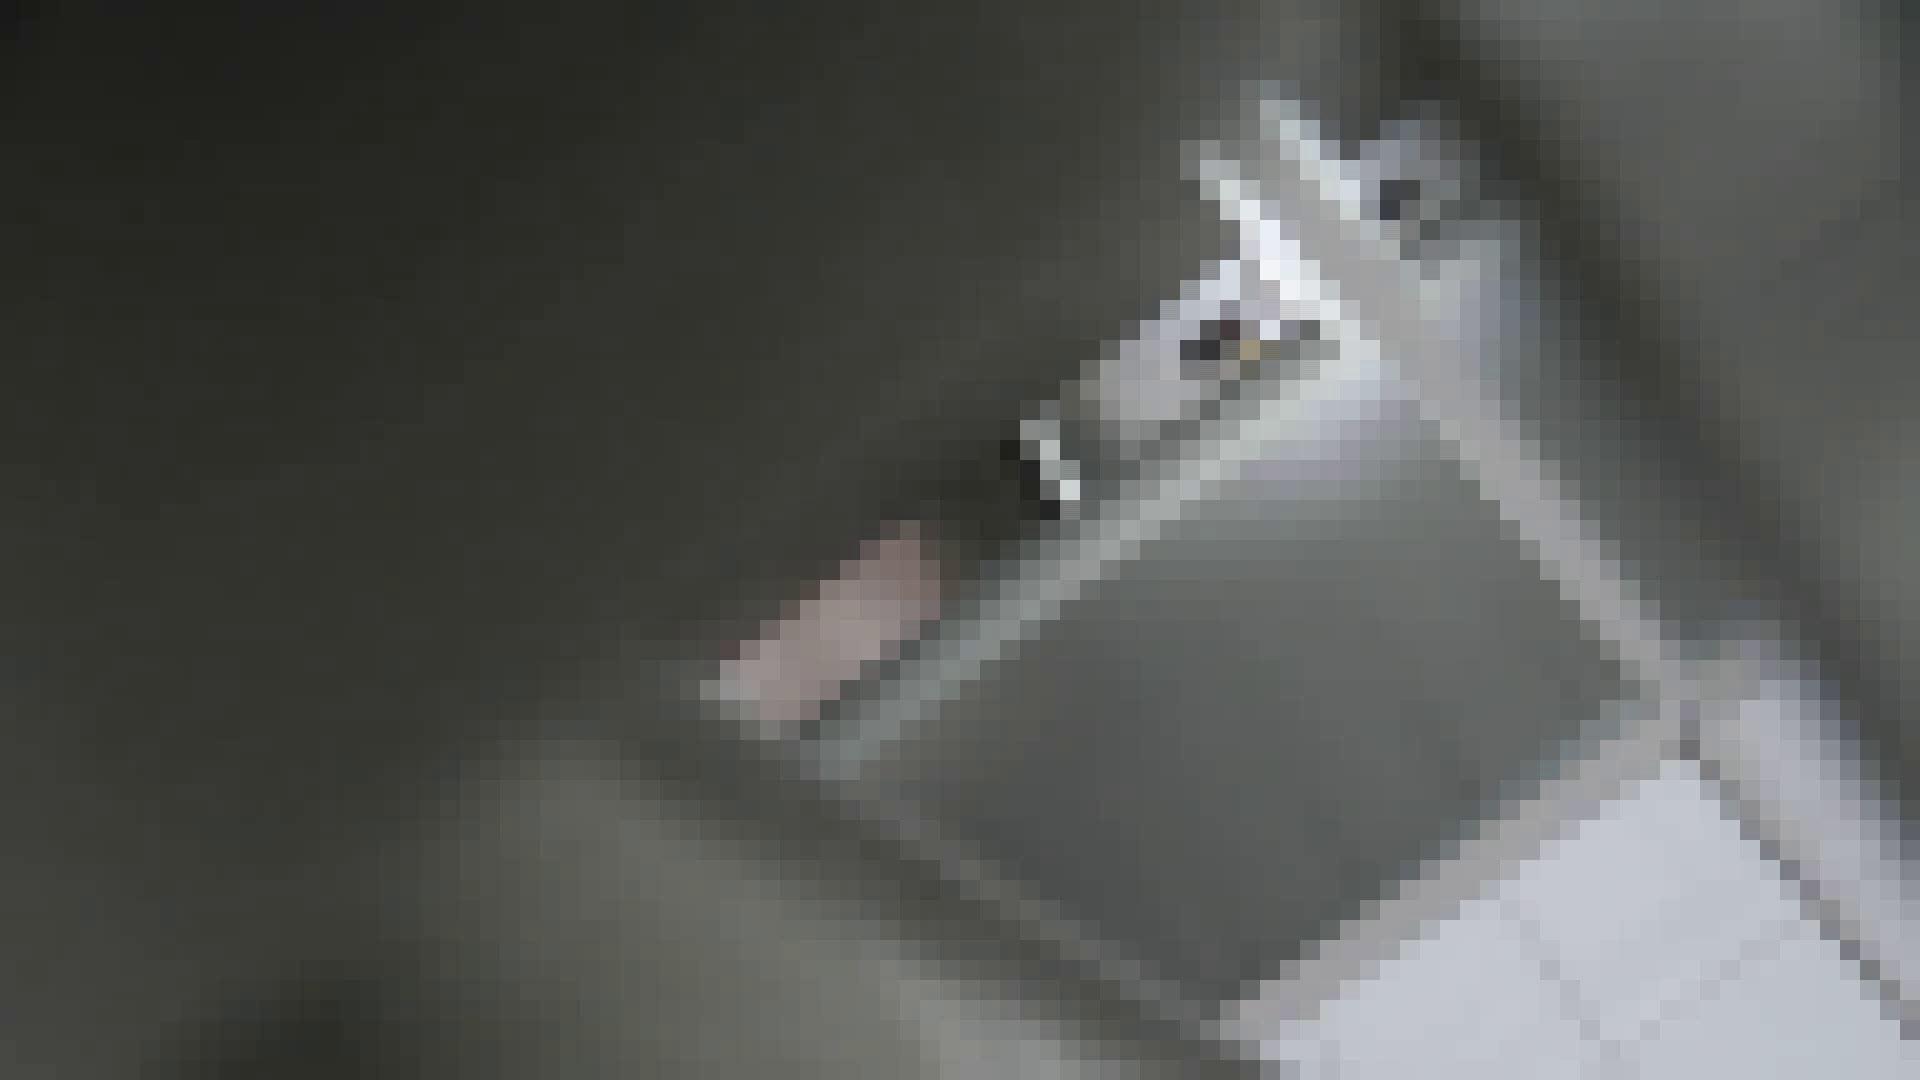 【美しき個室な世界】 vol.022 ヒクヒクさんたち OLの実態  92pic 64